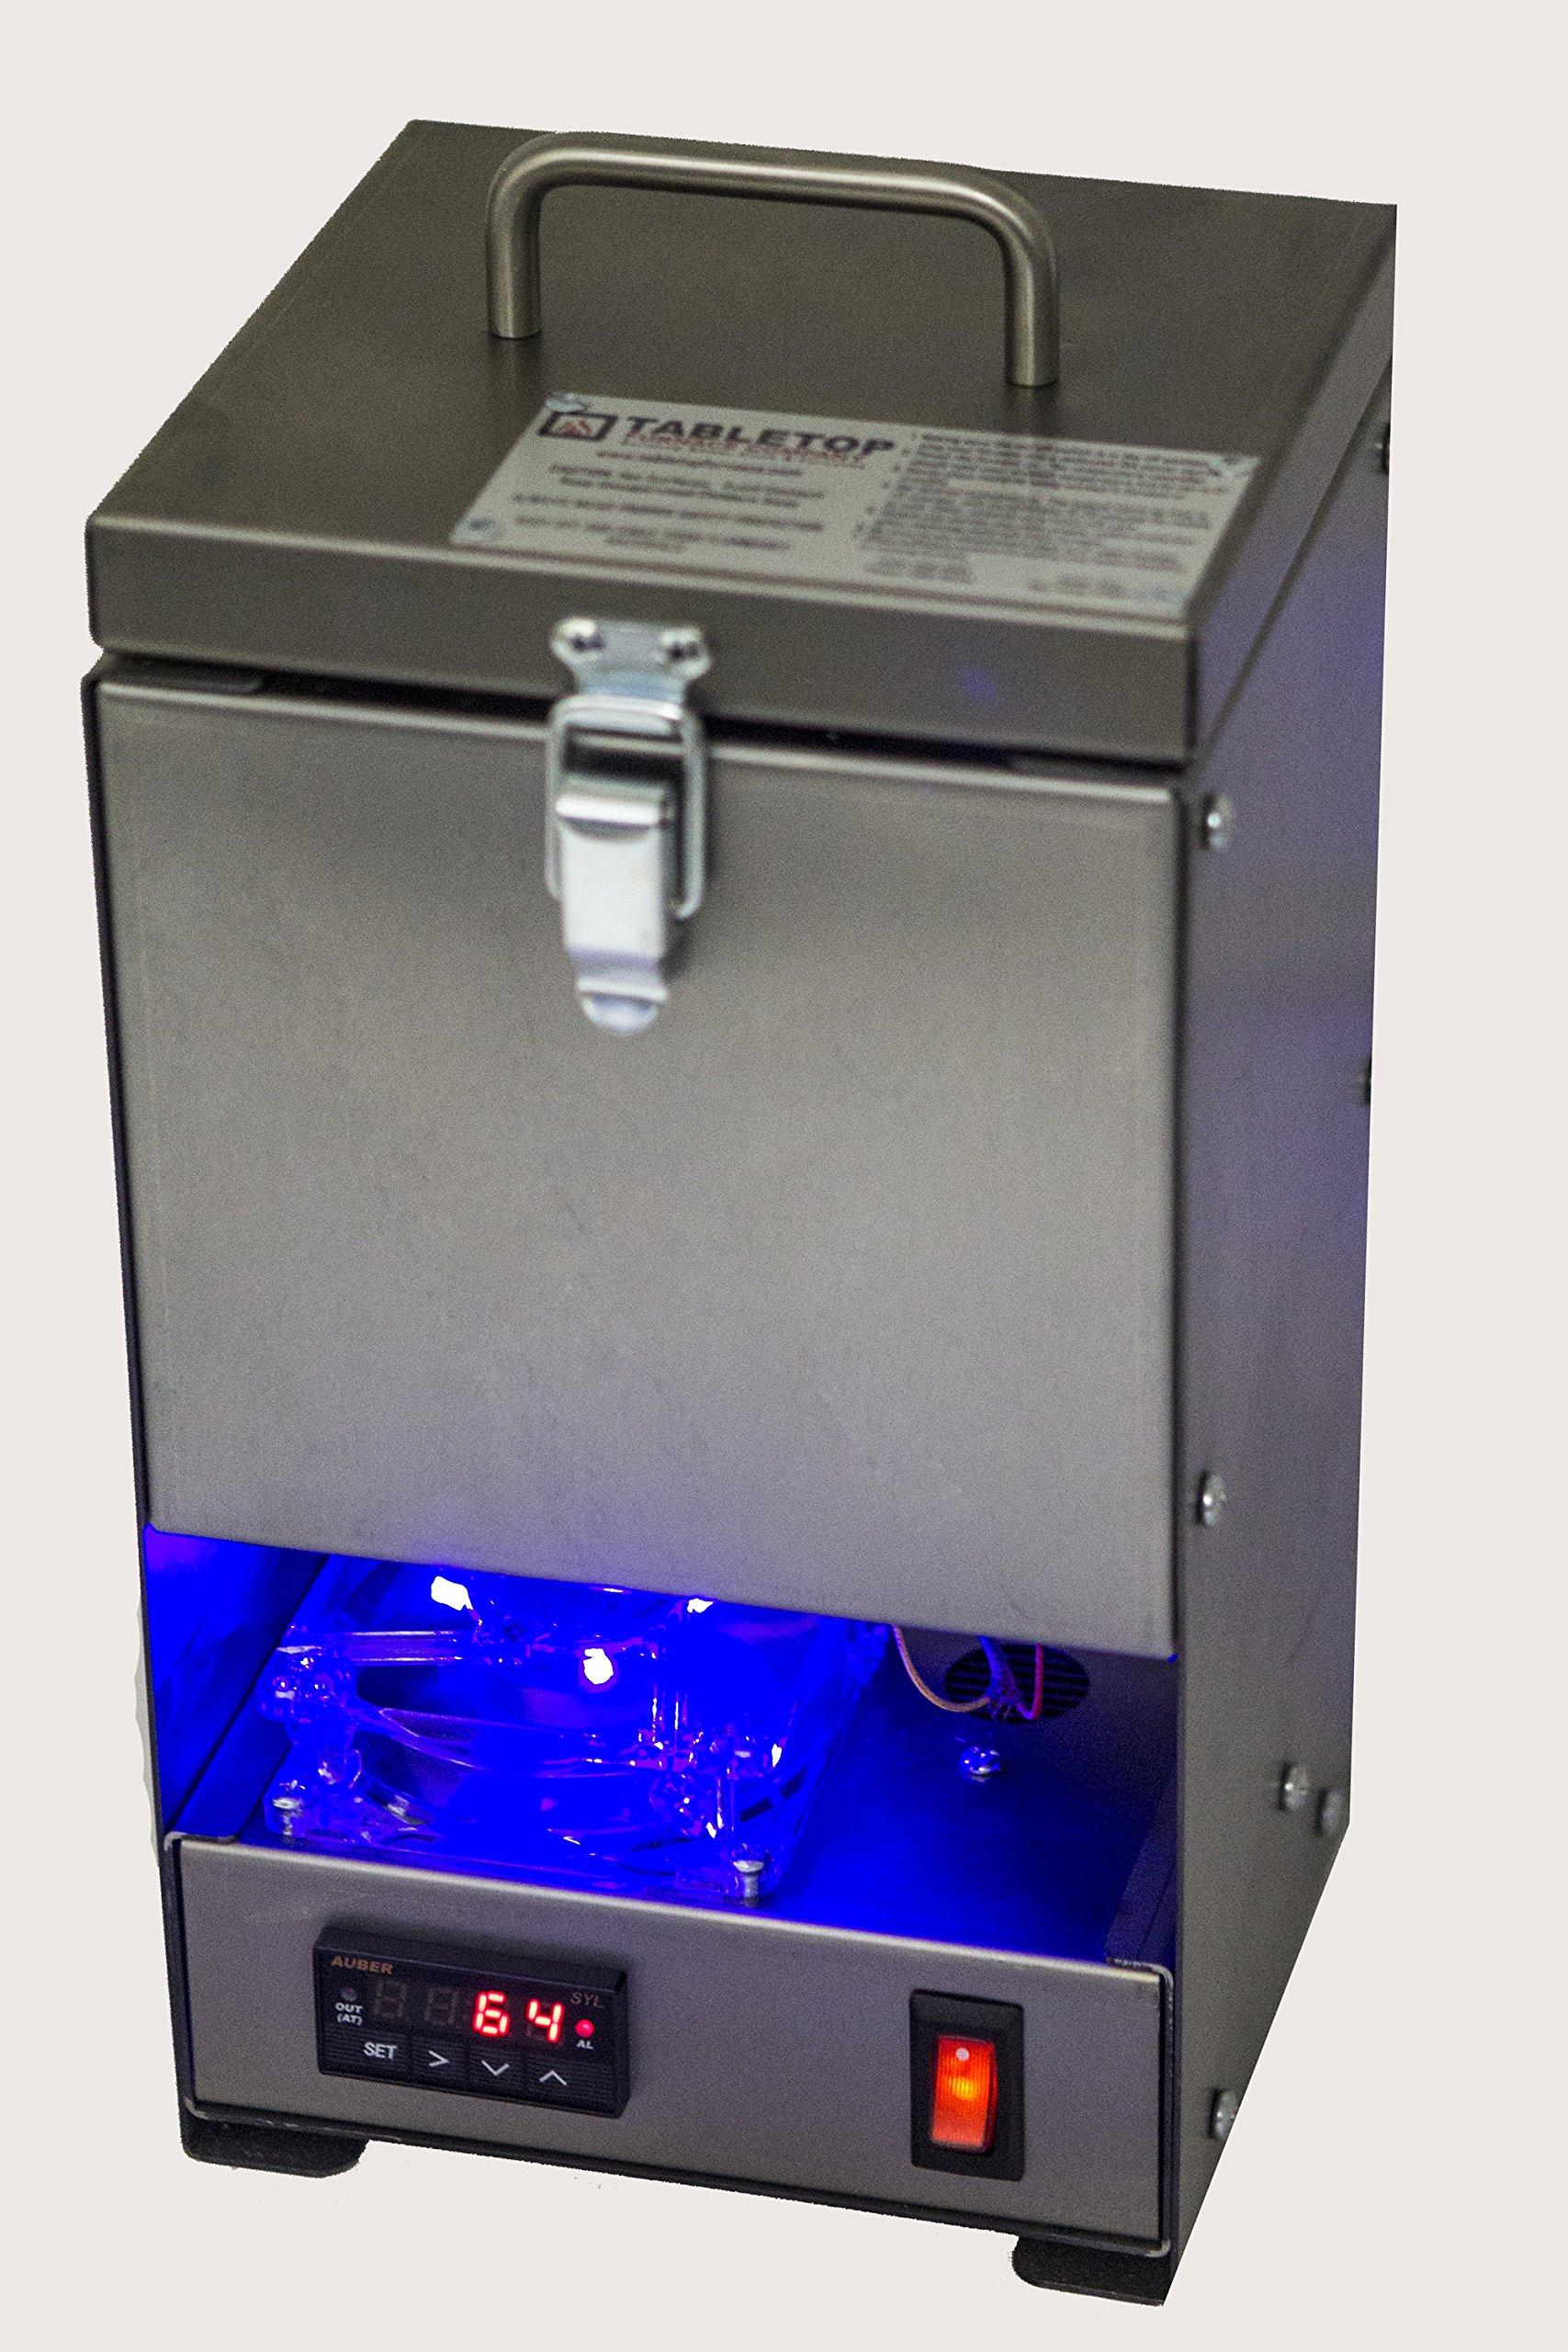 QuikMelt Pro-100oz Digital Furnace by Tabletop Furnace Company